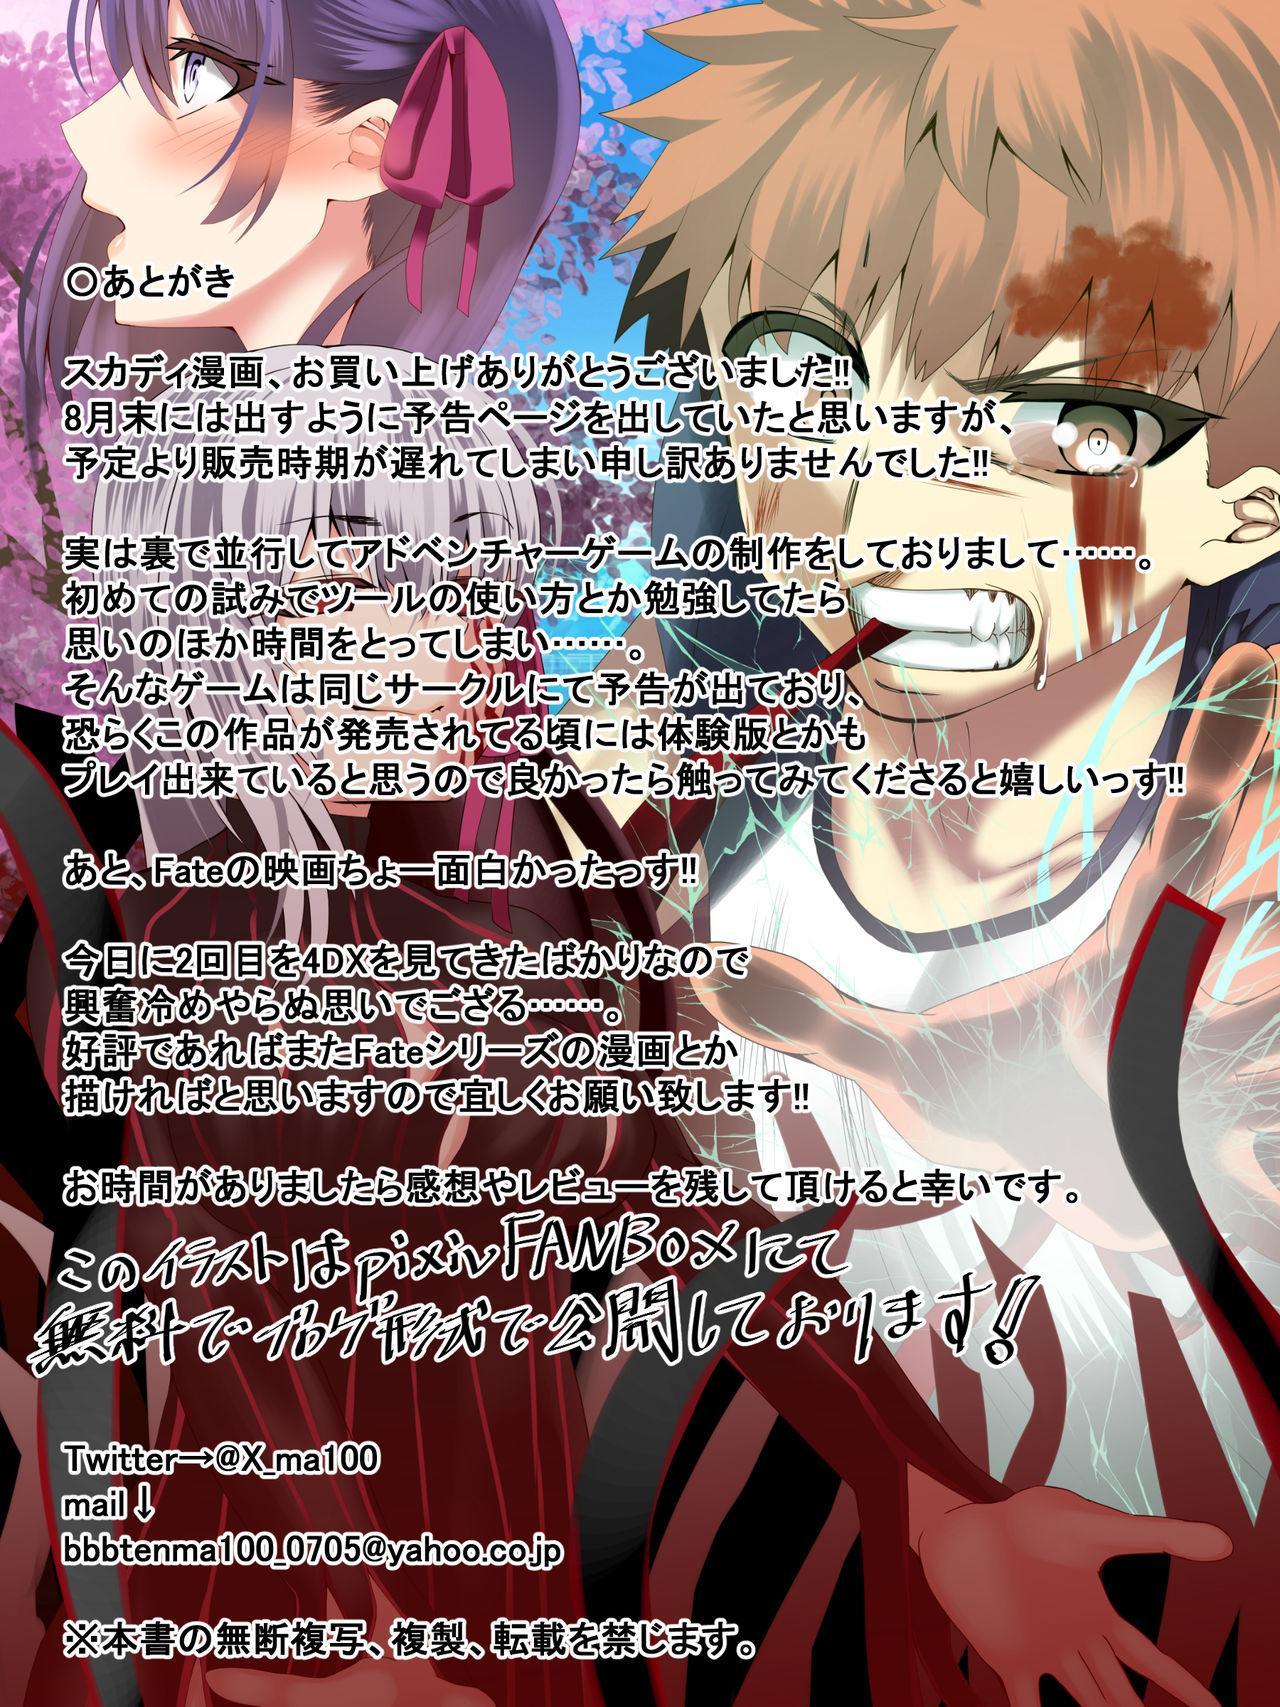 Iyashi no Fukubukuro Servant Gacha 22